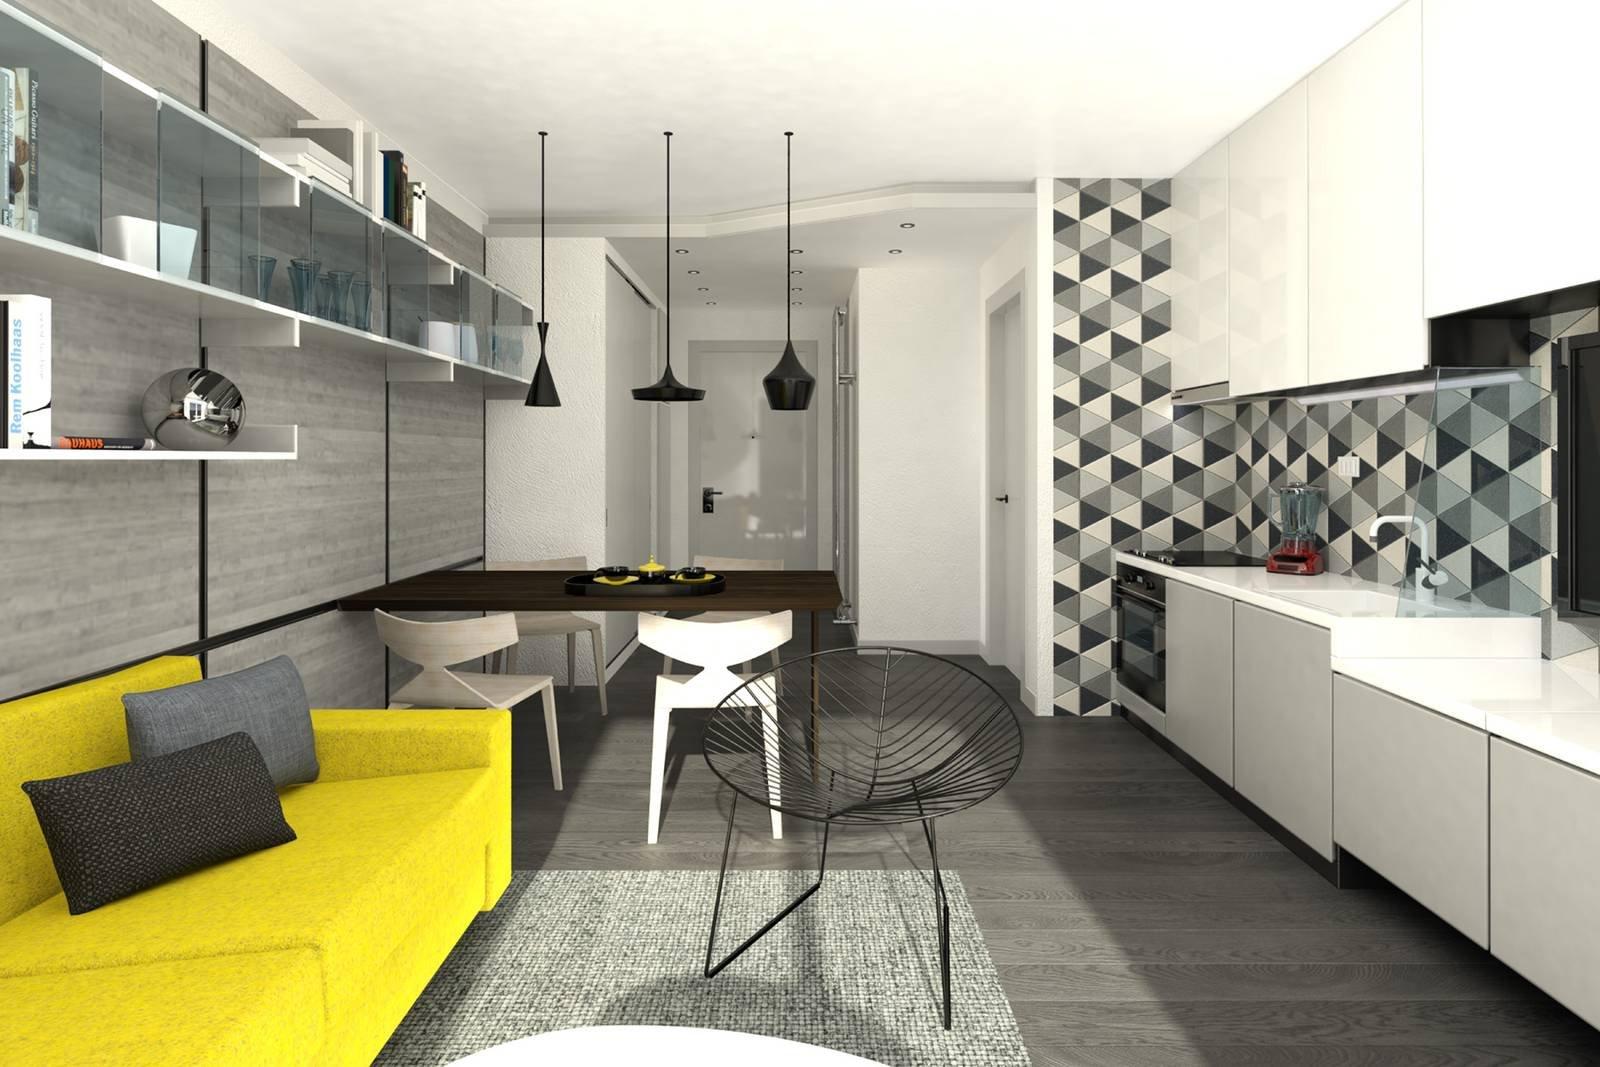 Come Disporre I Mobili Della Sala : Soggiorno con cucina come disporre i mobili e dove mettere la